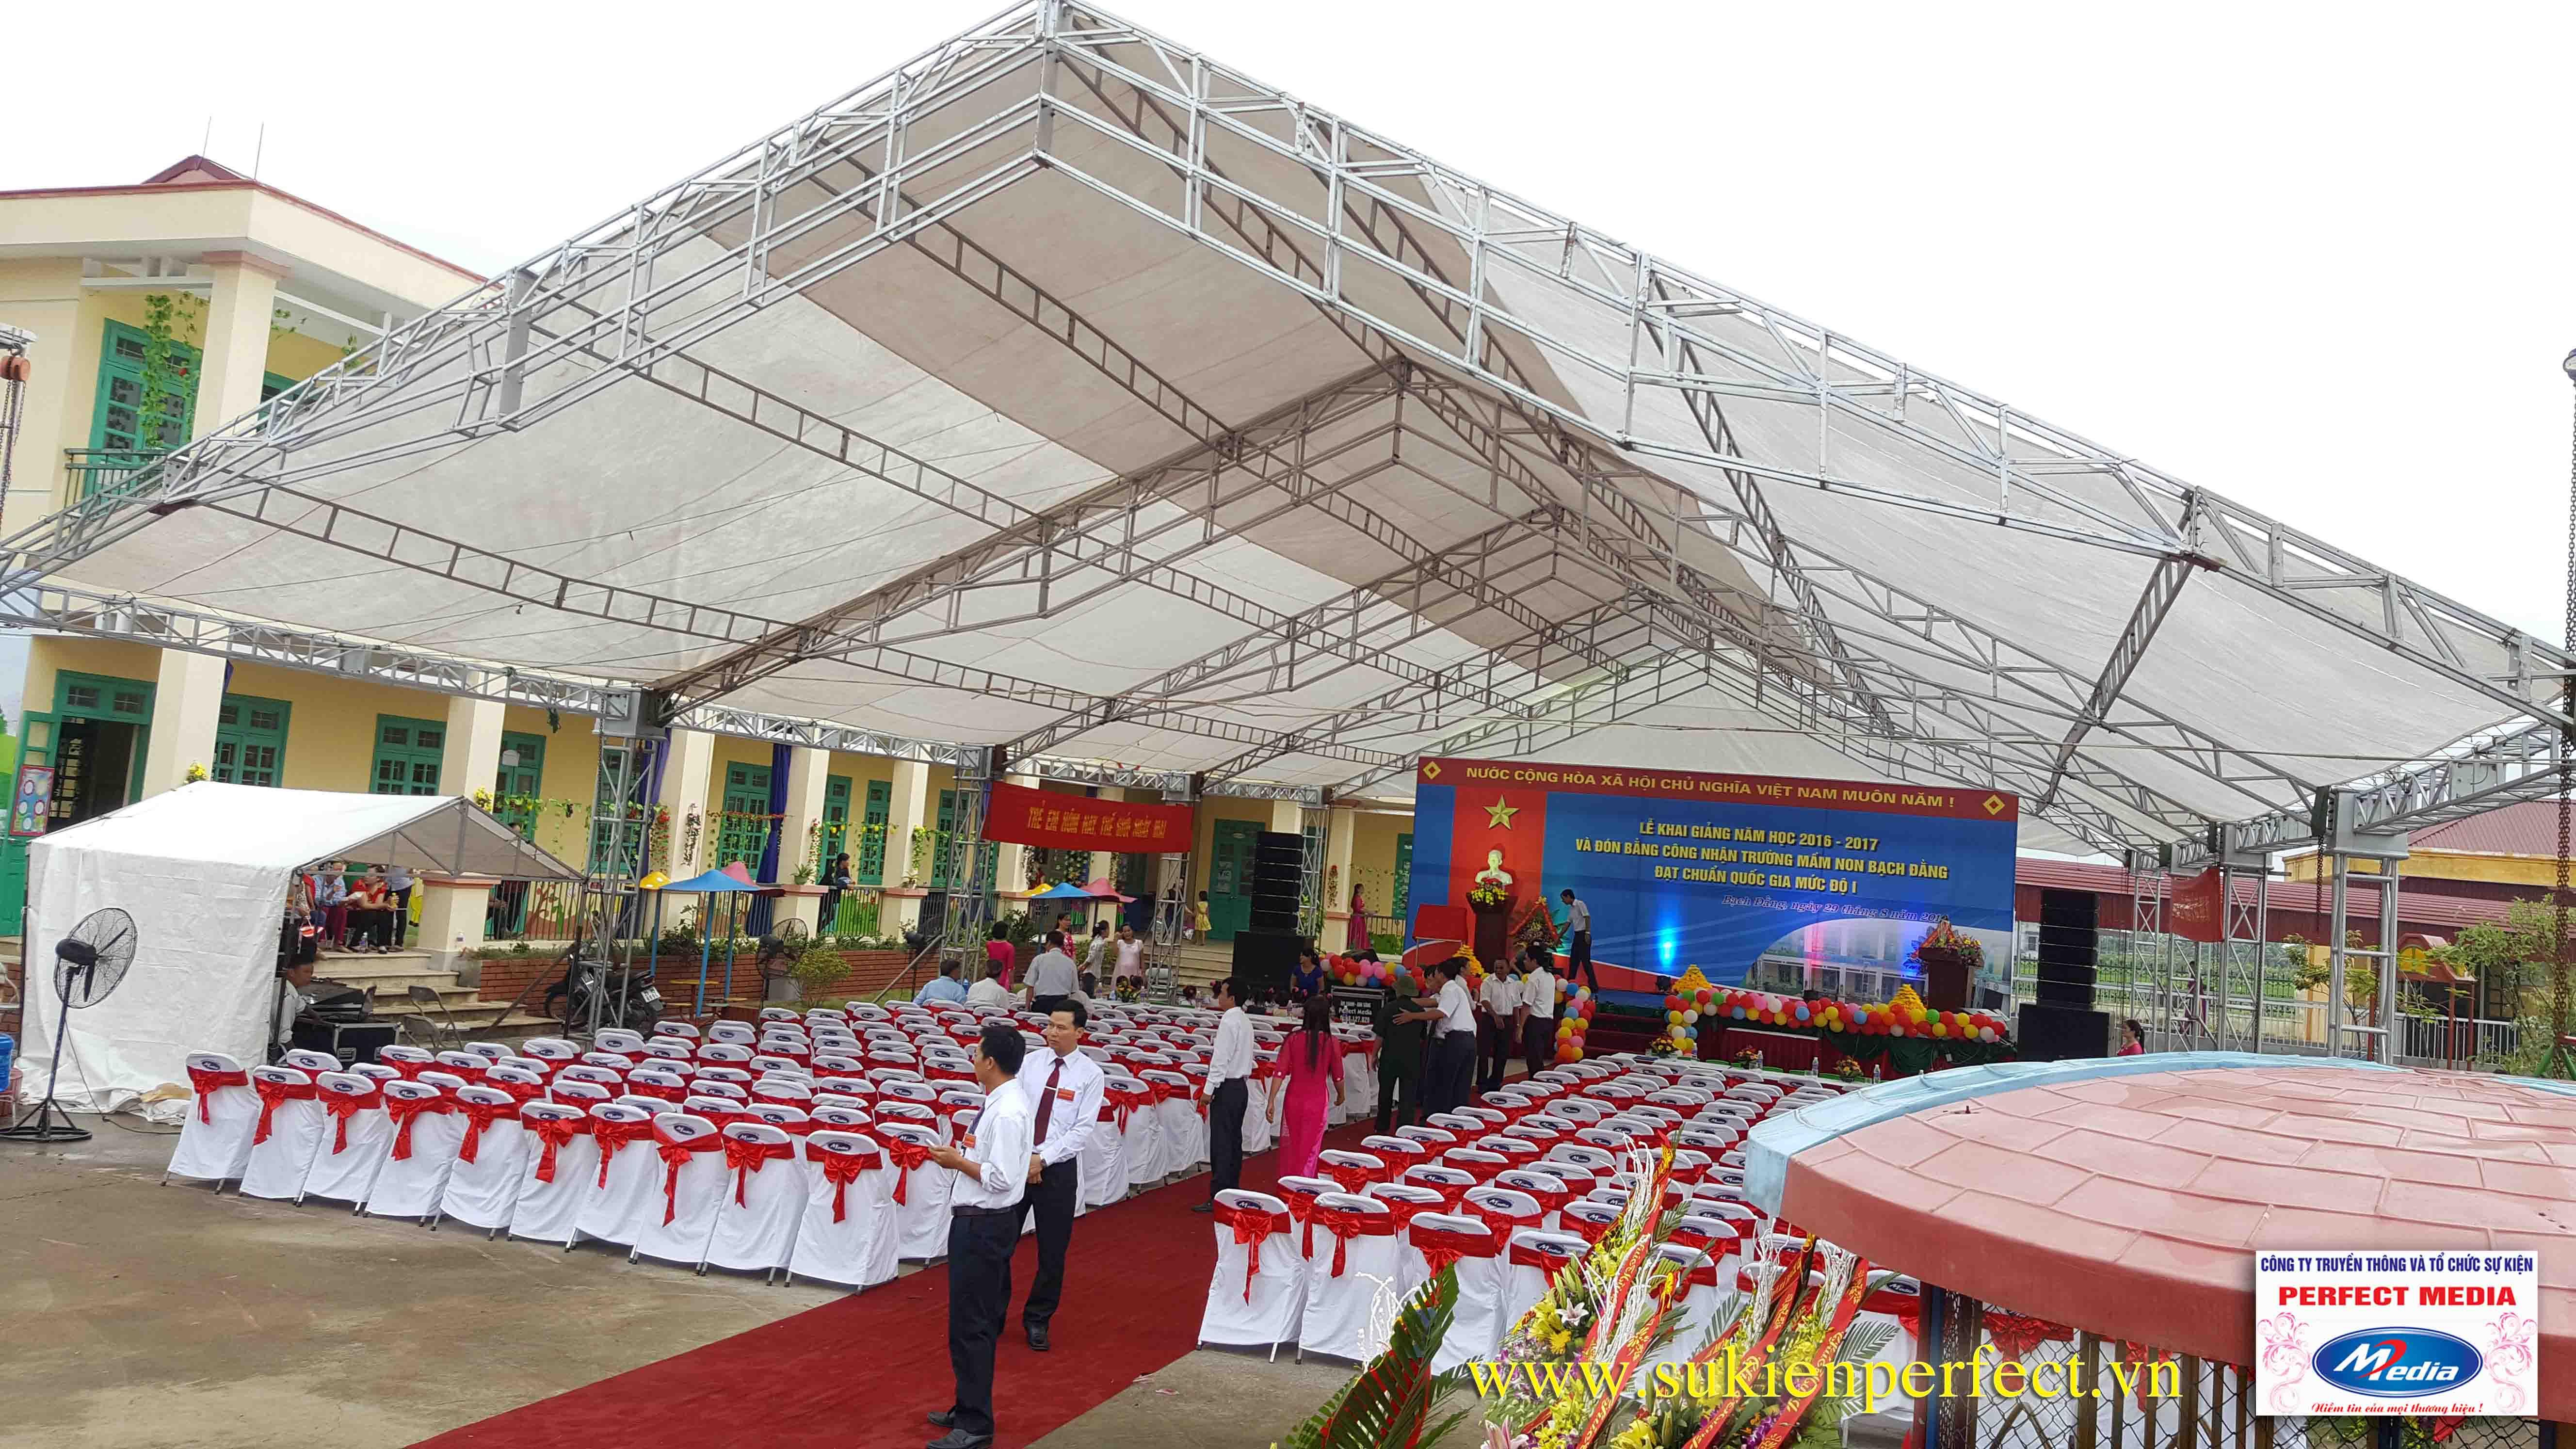 Lễ khai giảng năm học 2016 - 2017 của trường mầm non Bạch Đằng - Kinh Môn 02